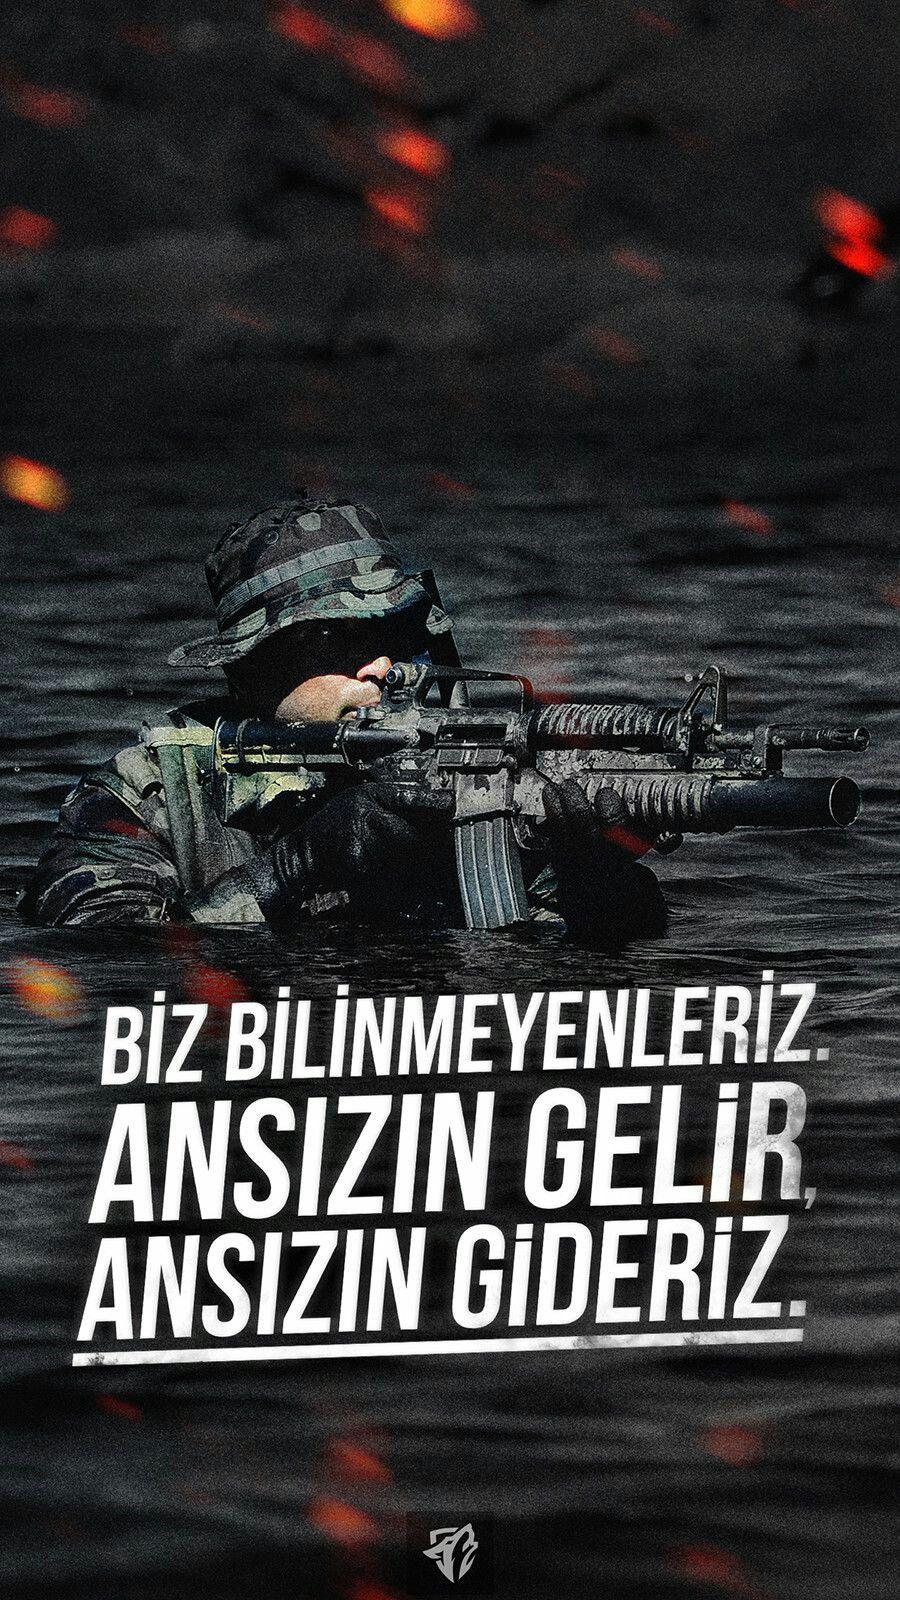 Biz bilinmeyenleriz. Ansızın gelir ansızın gideriz. Türk Ordusu İle İlgili Resimli Sözler - Türk Ordusu İle İlgili Resimli Sözler - Türk Ordusu İle İlgili Sözler, resimli-sozler